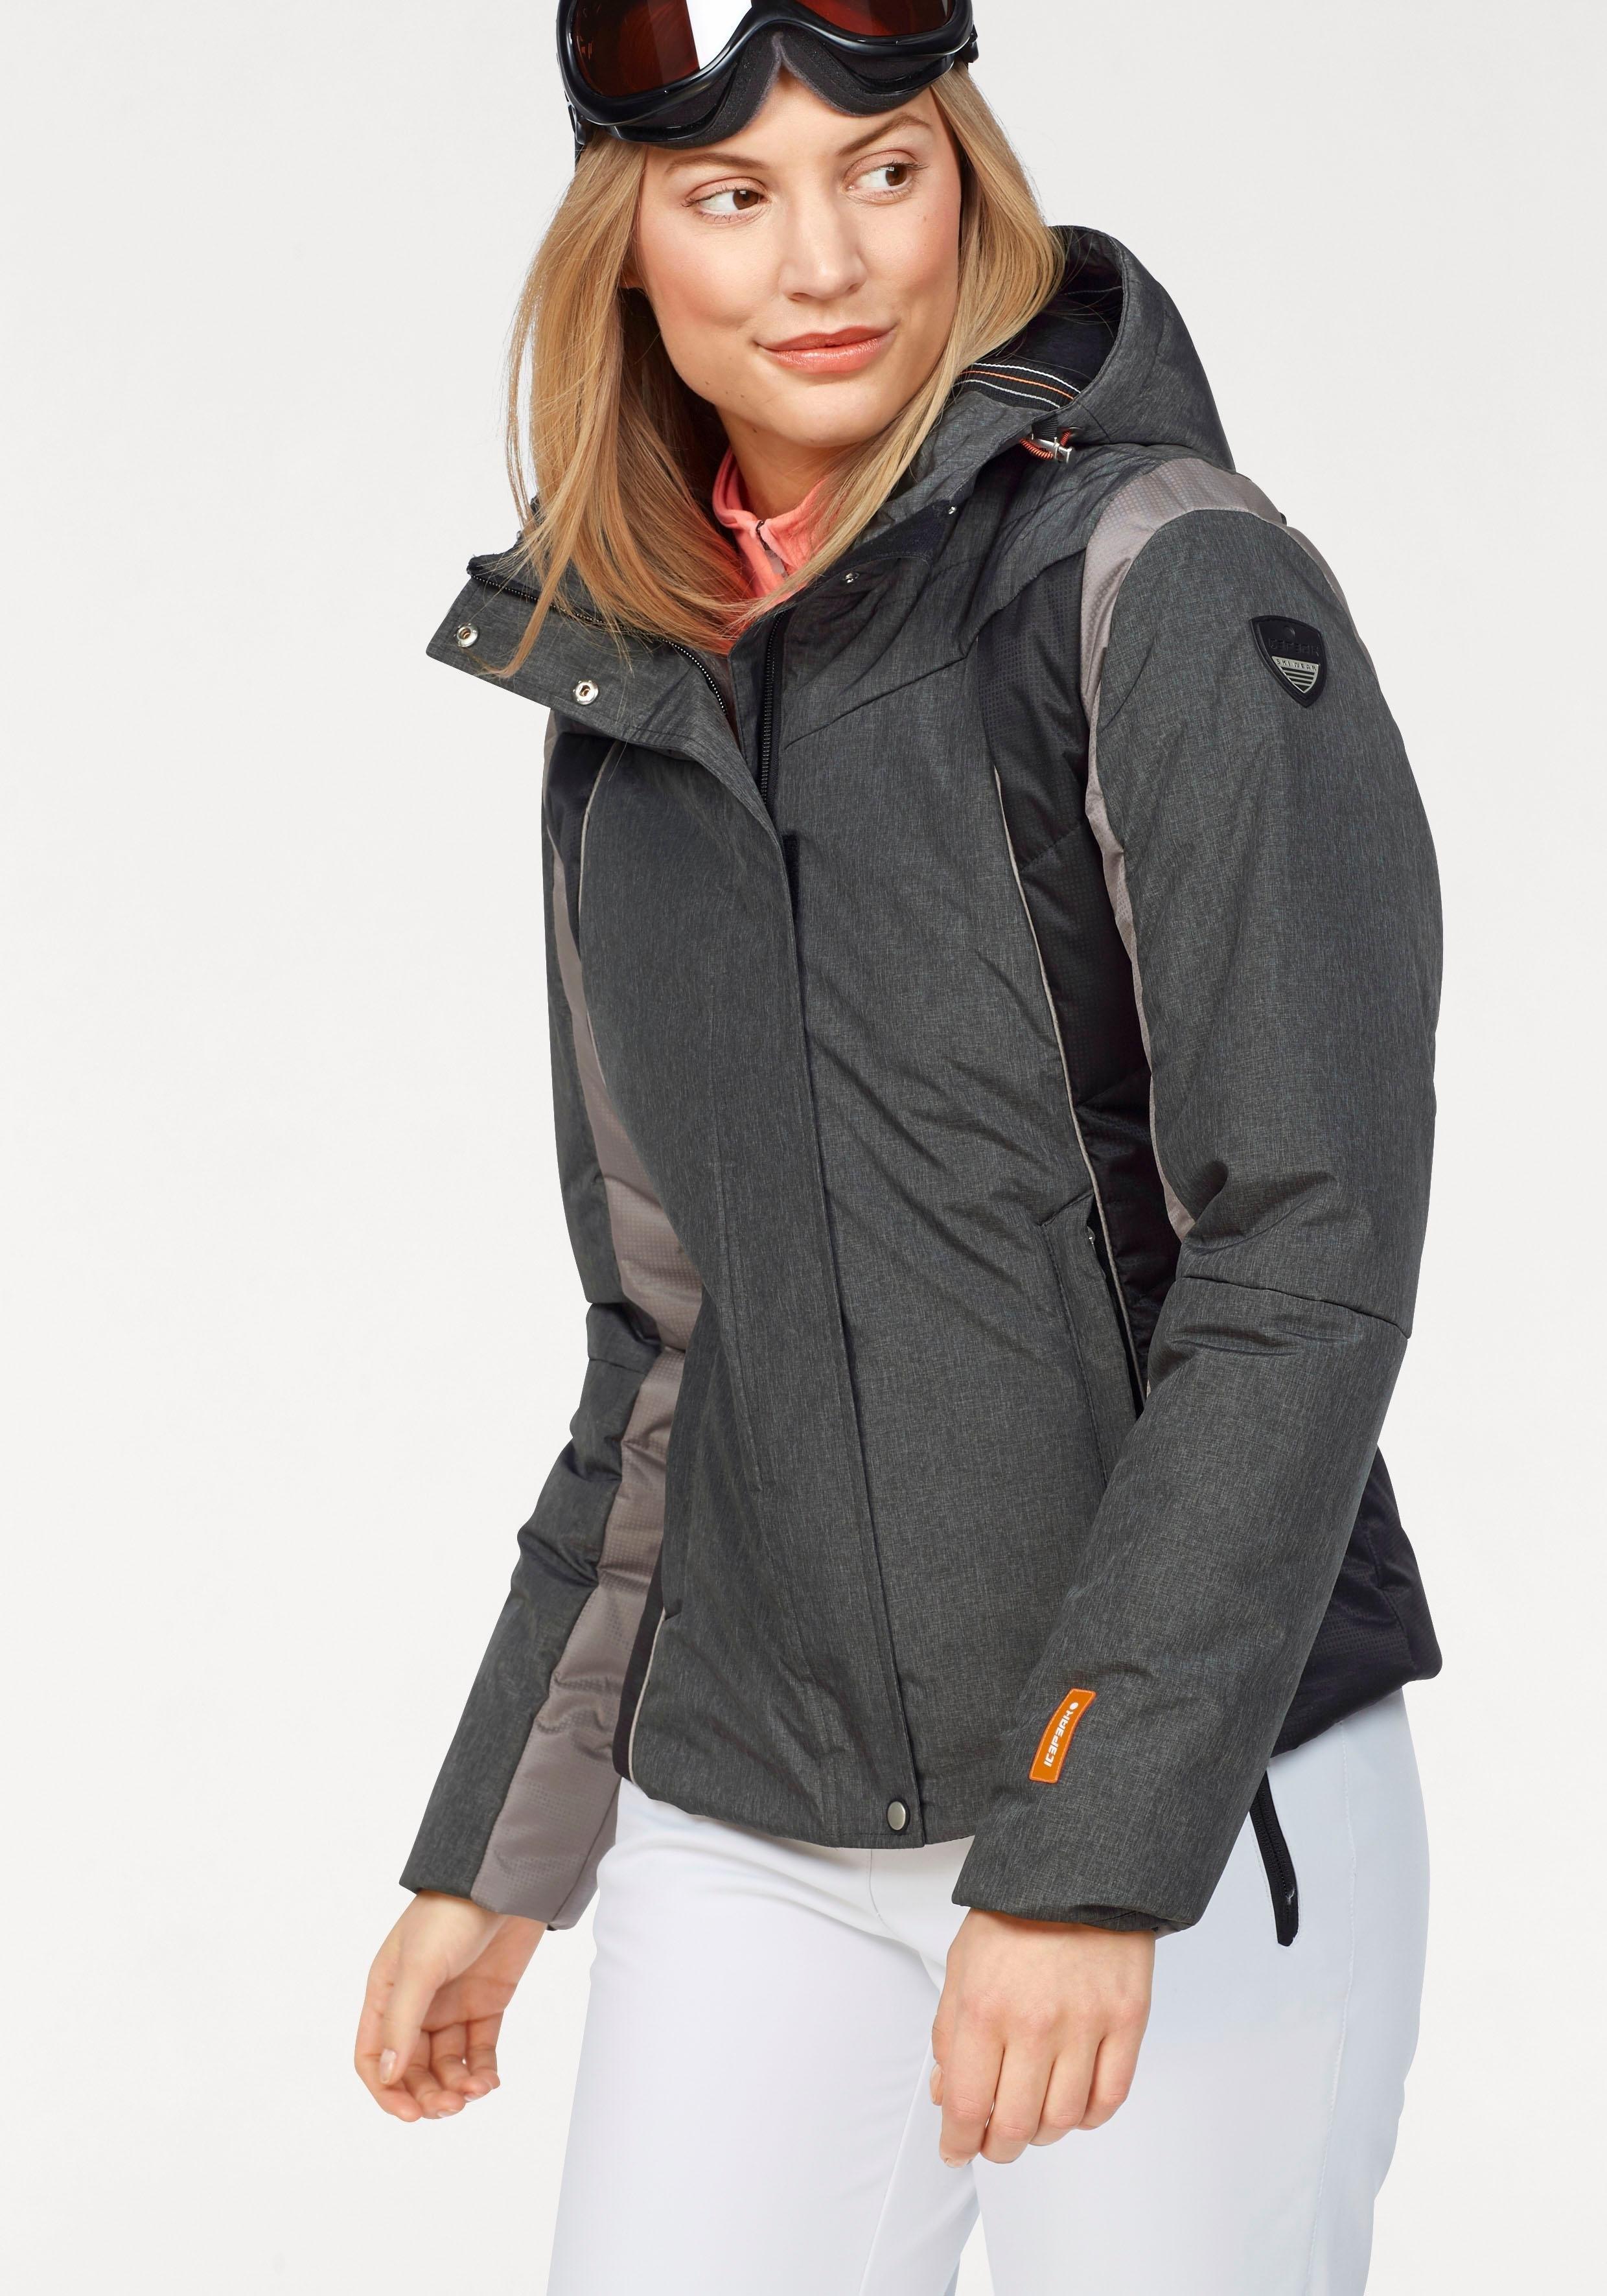 Grote Maten Mode Jassen : Ski jassen grote maat kopen bekijk de collectie otto